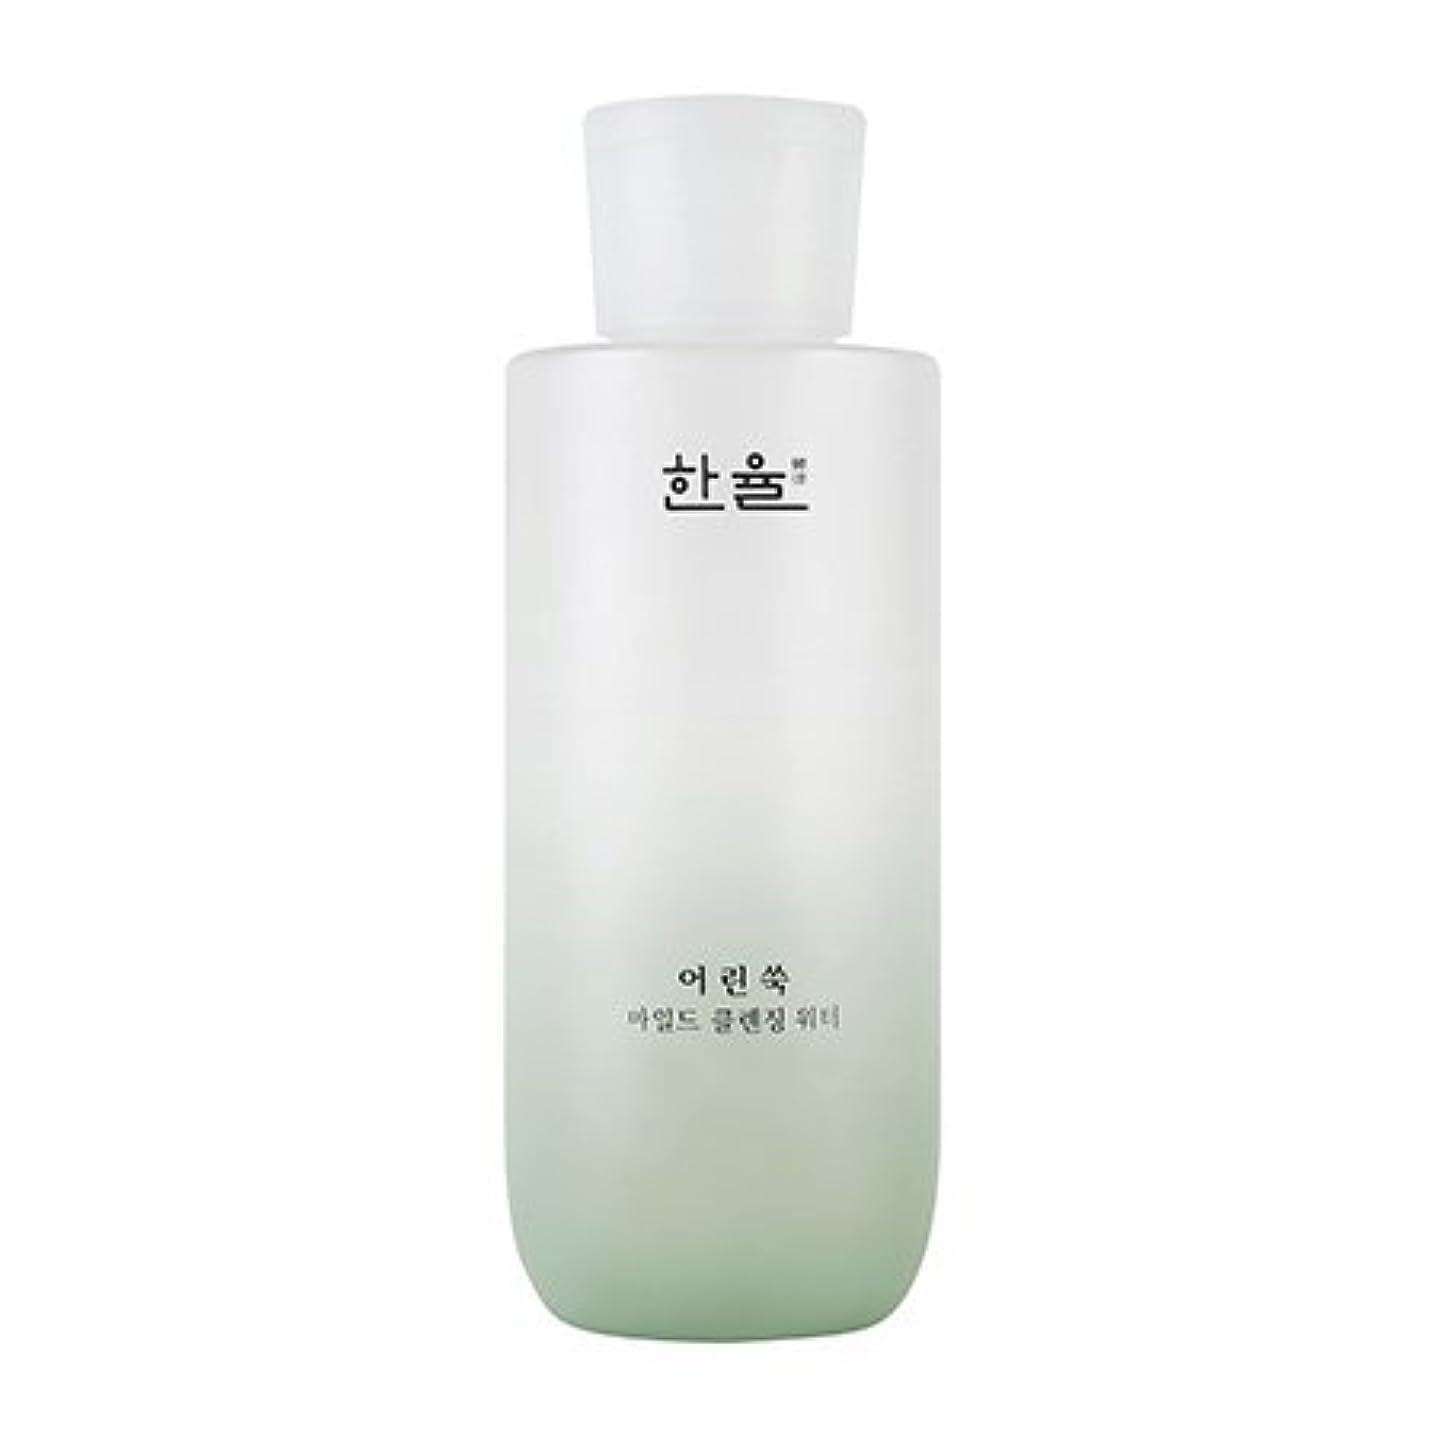 抽選縫うスタジオHANYUL Pure Artemisia Mild Cleansing Water 300ml / ハンユル ピュアアルテミシアマイルド クレンジングウォーター 300ml [並行輸入品]